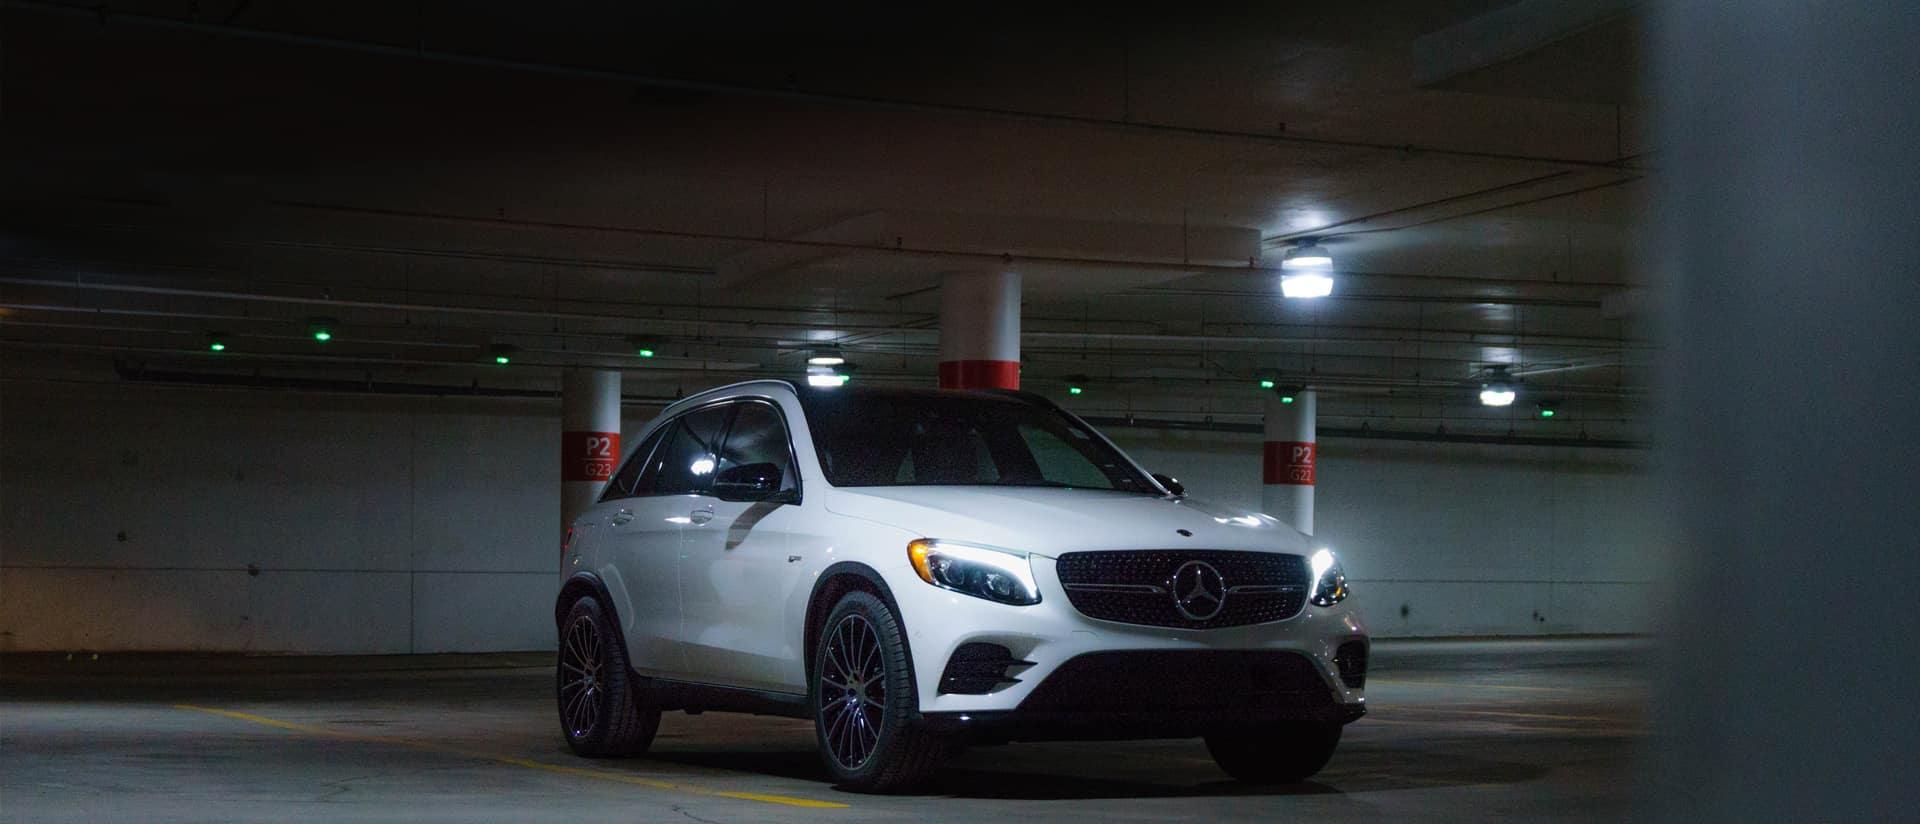 White Mercedes GLC sitting in a underground parking lot